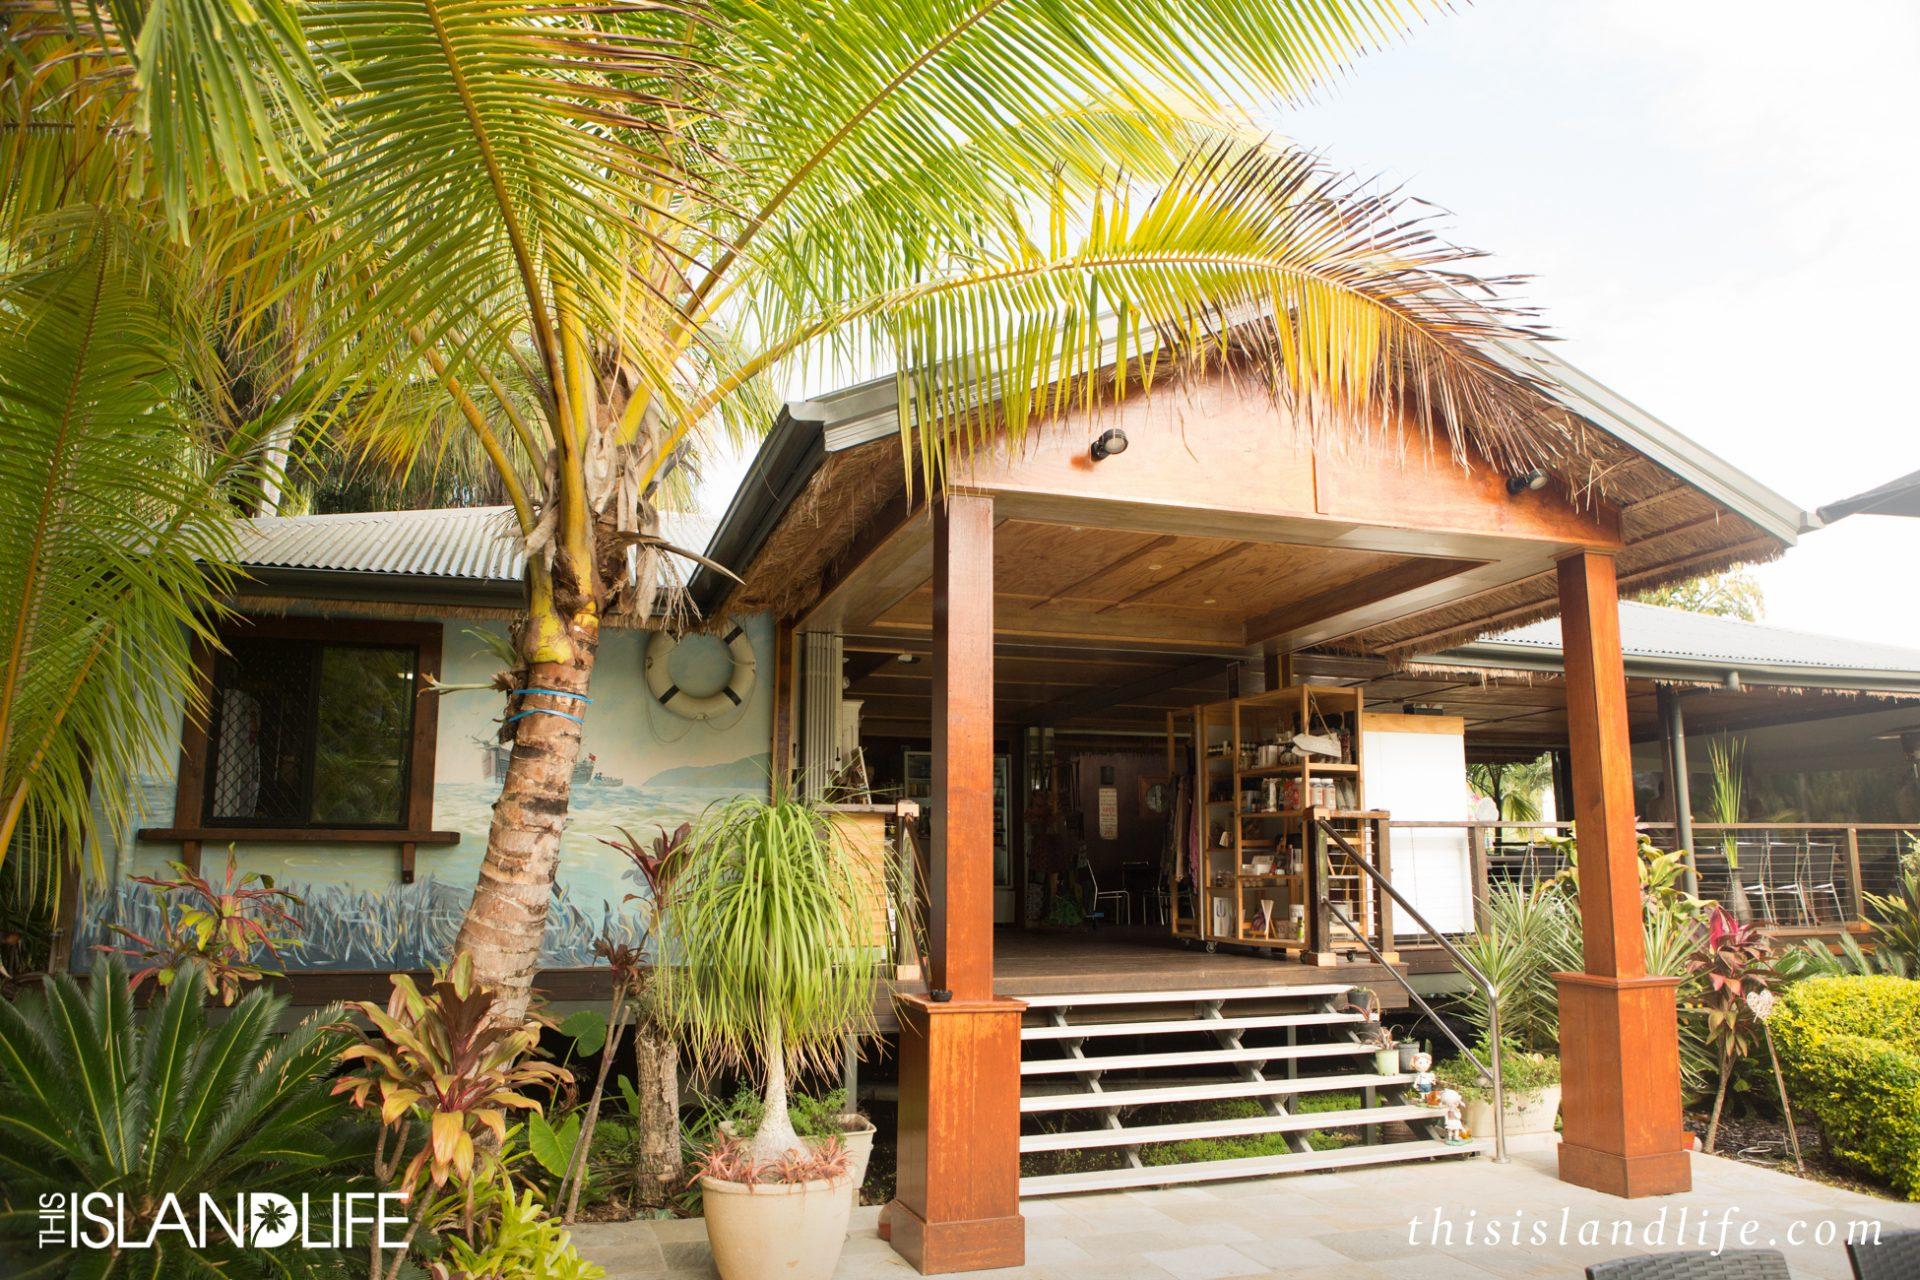 This island life & Michaela Skovranova for Queensland Tourism an